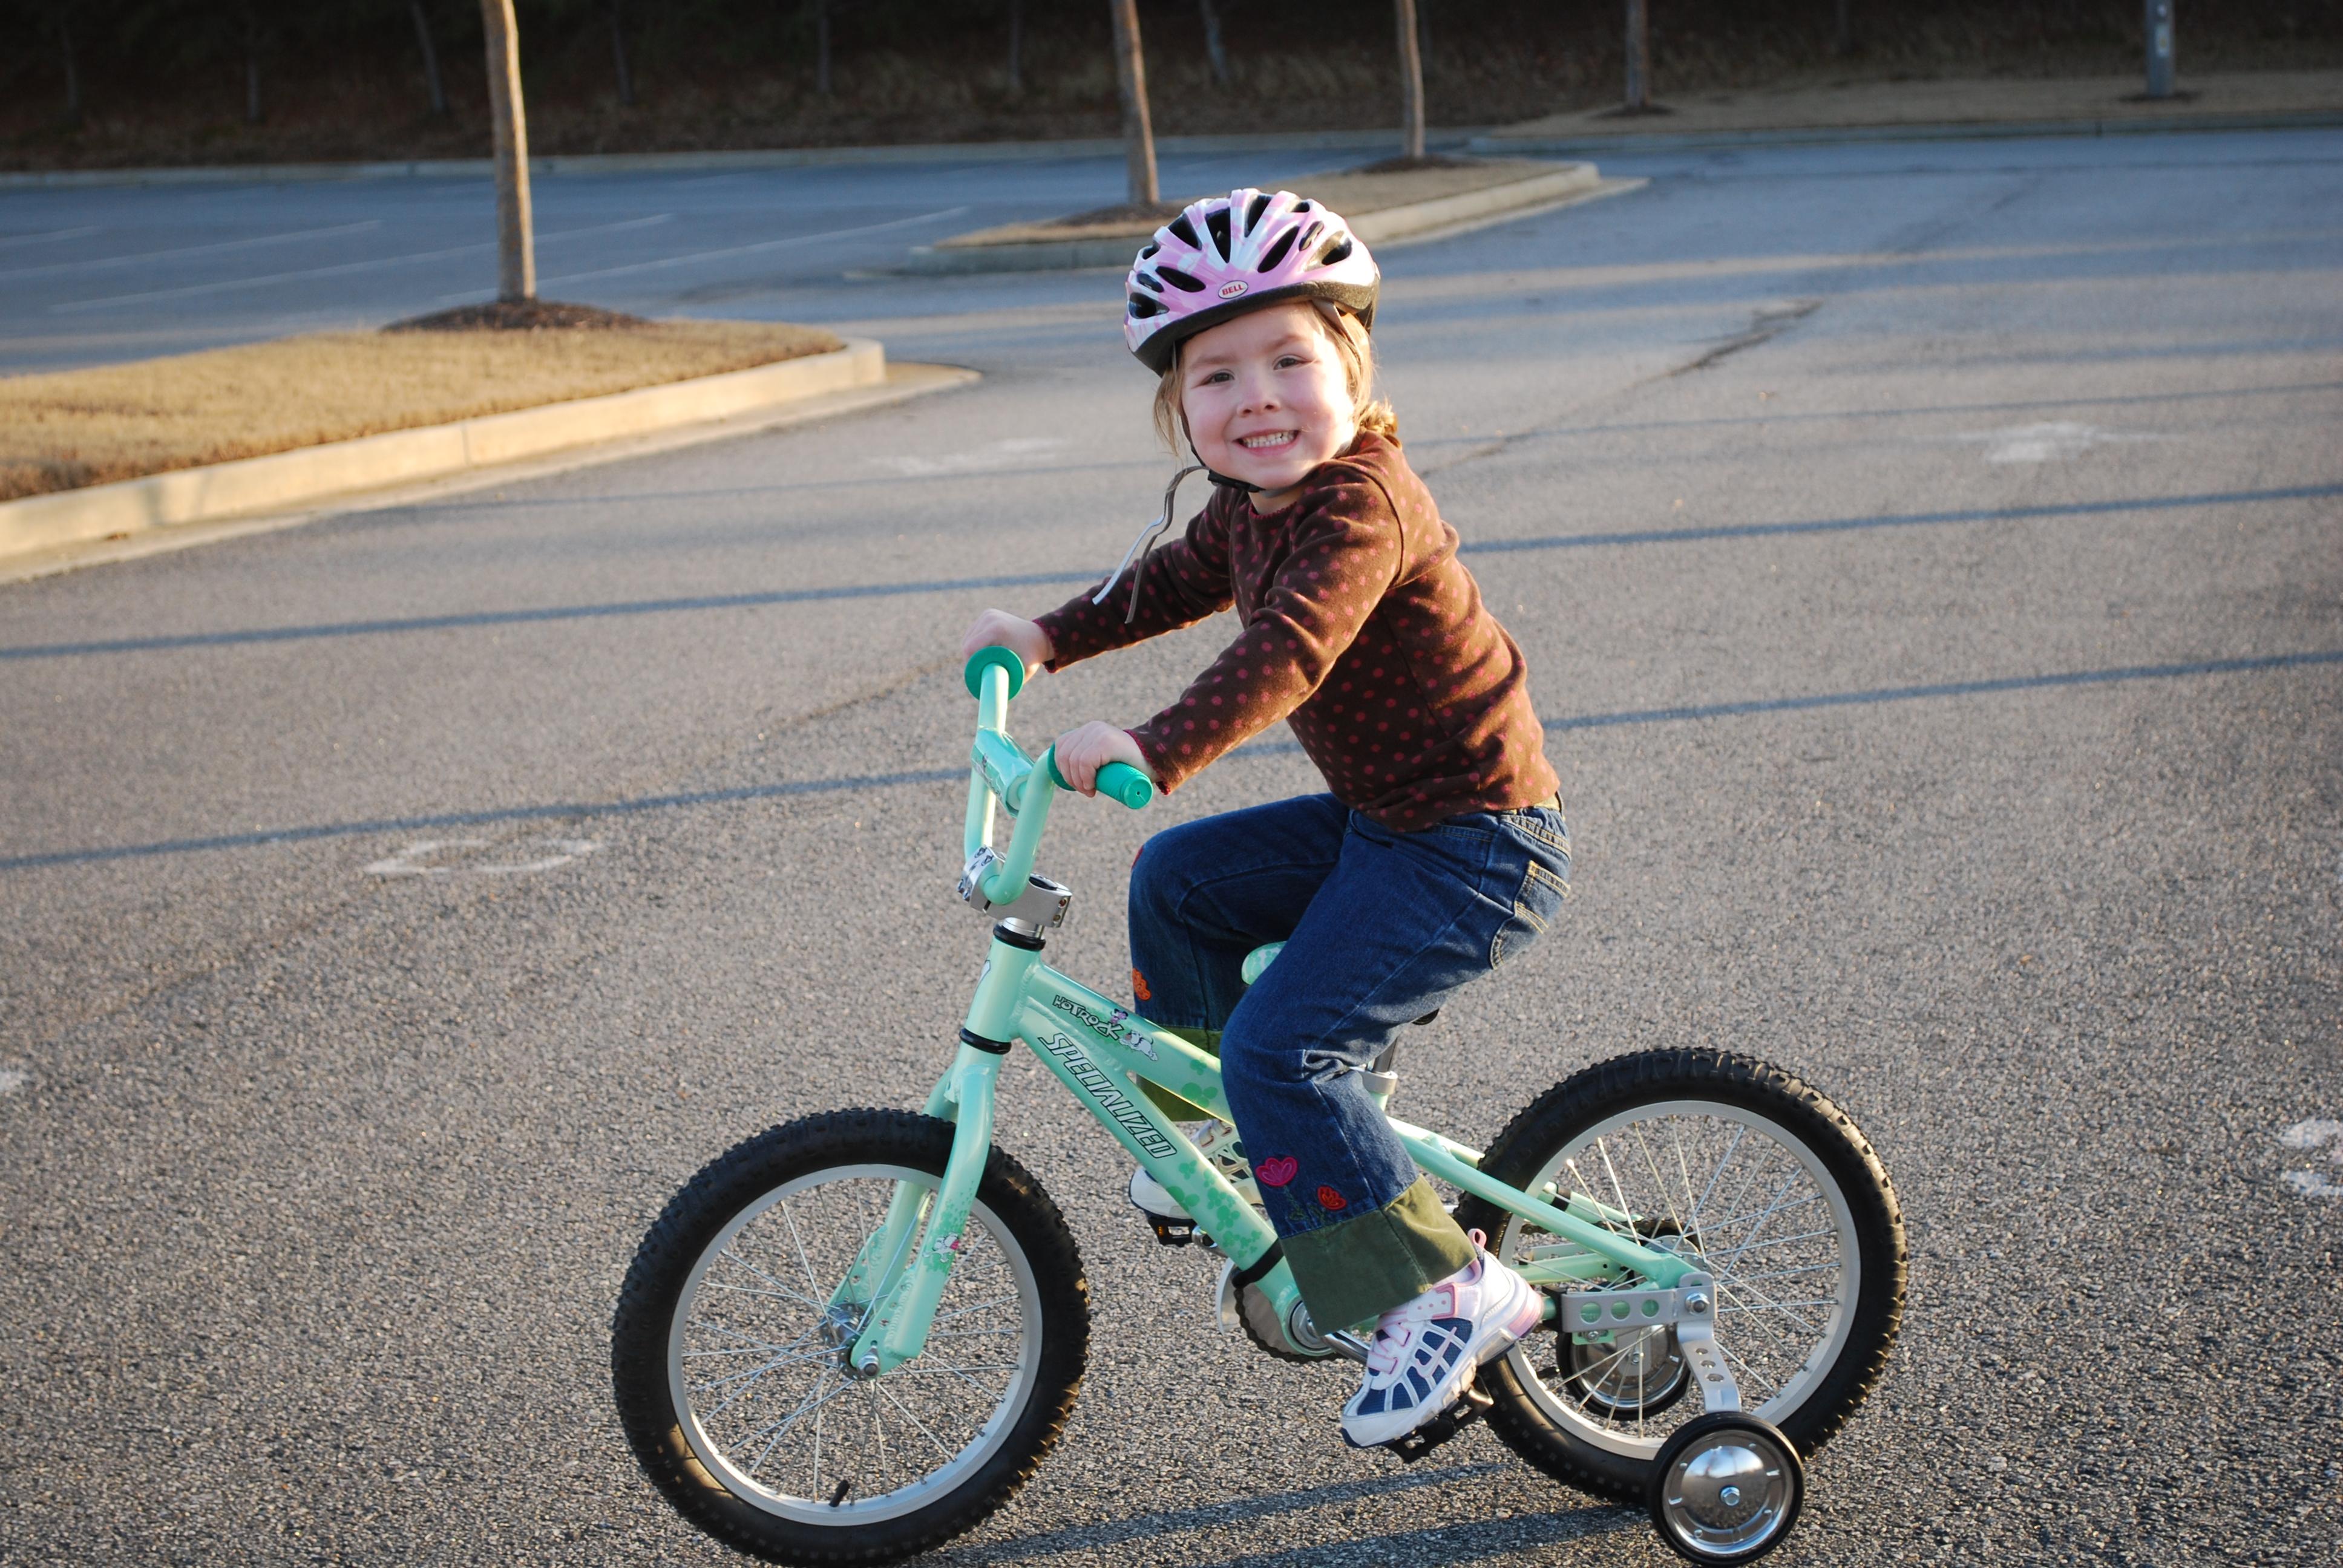 Ruby on her new bike